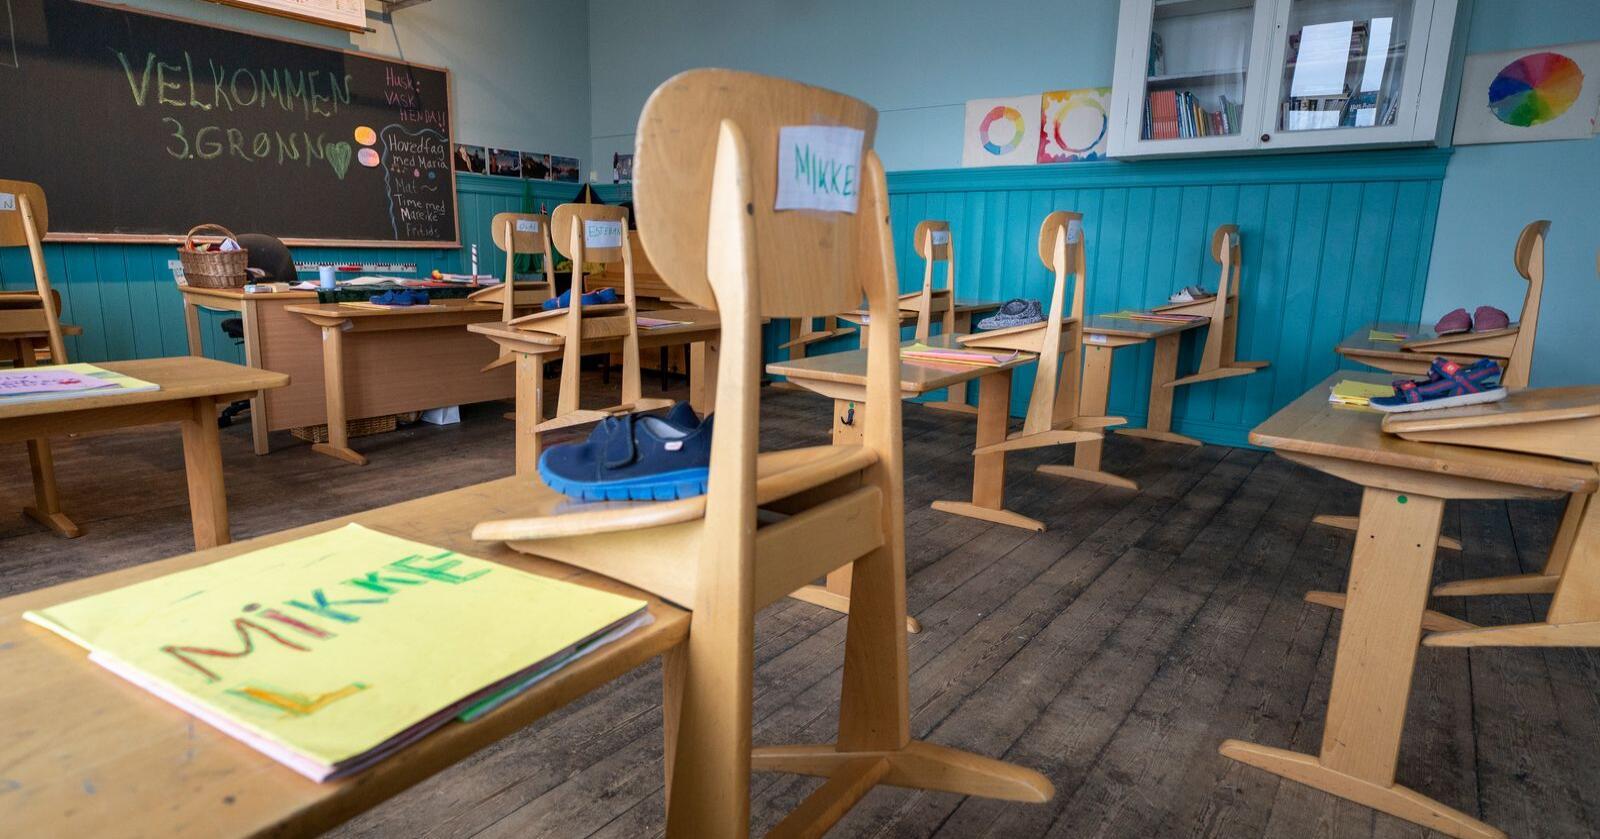 På grunn av koronapandemien ble samtlige skoler stengt 12. mars. 11. mai ble skolene åpnet igjen. Illustrasjonsfoto: Heiko Junge / NTB scanpix